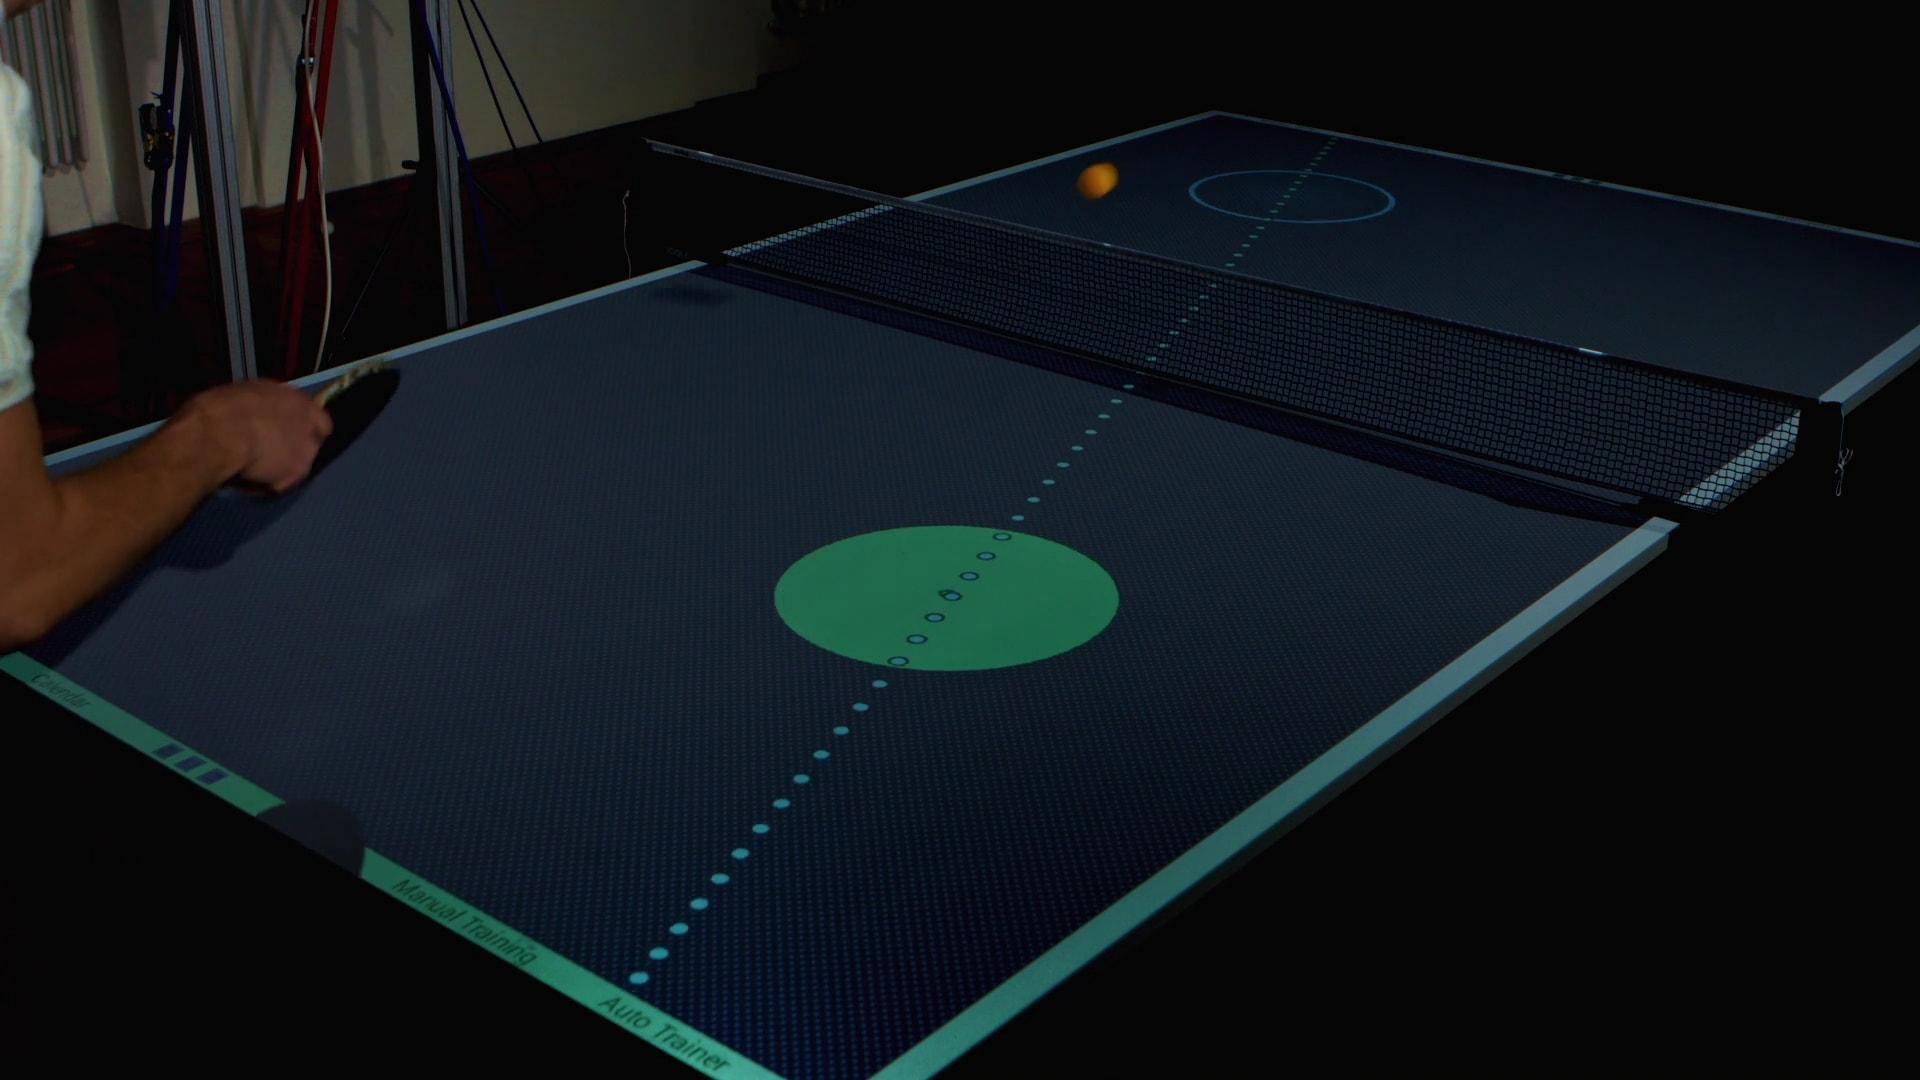 Rilevamenti e proiezioni per il tavolo da ping pong smart - Tavolo da ping pong amazon ...